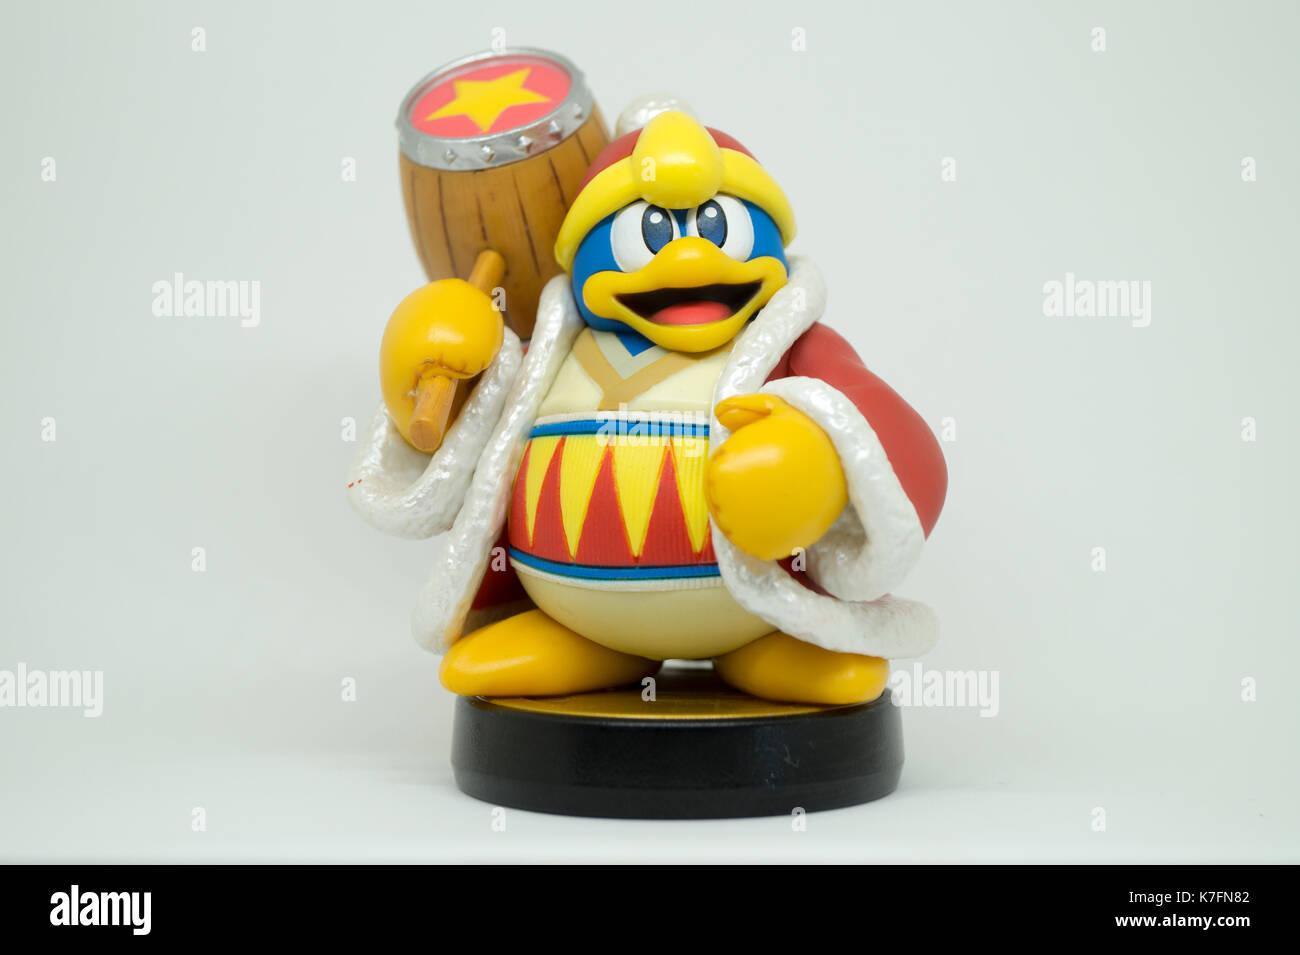 Nintendo Super Smash Bros Amiibo Collection Figure King Dedede Stock